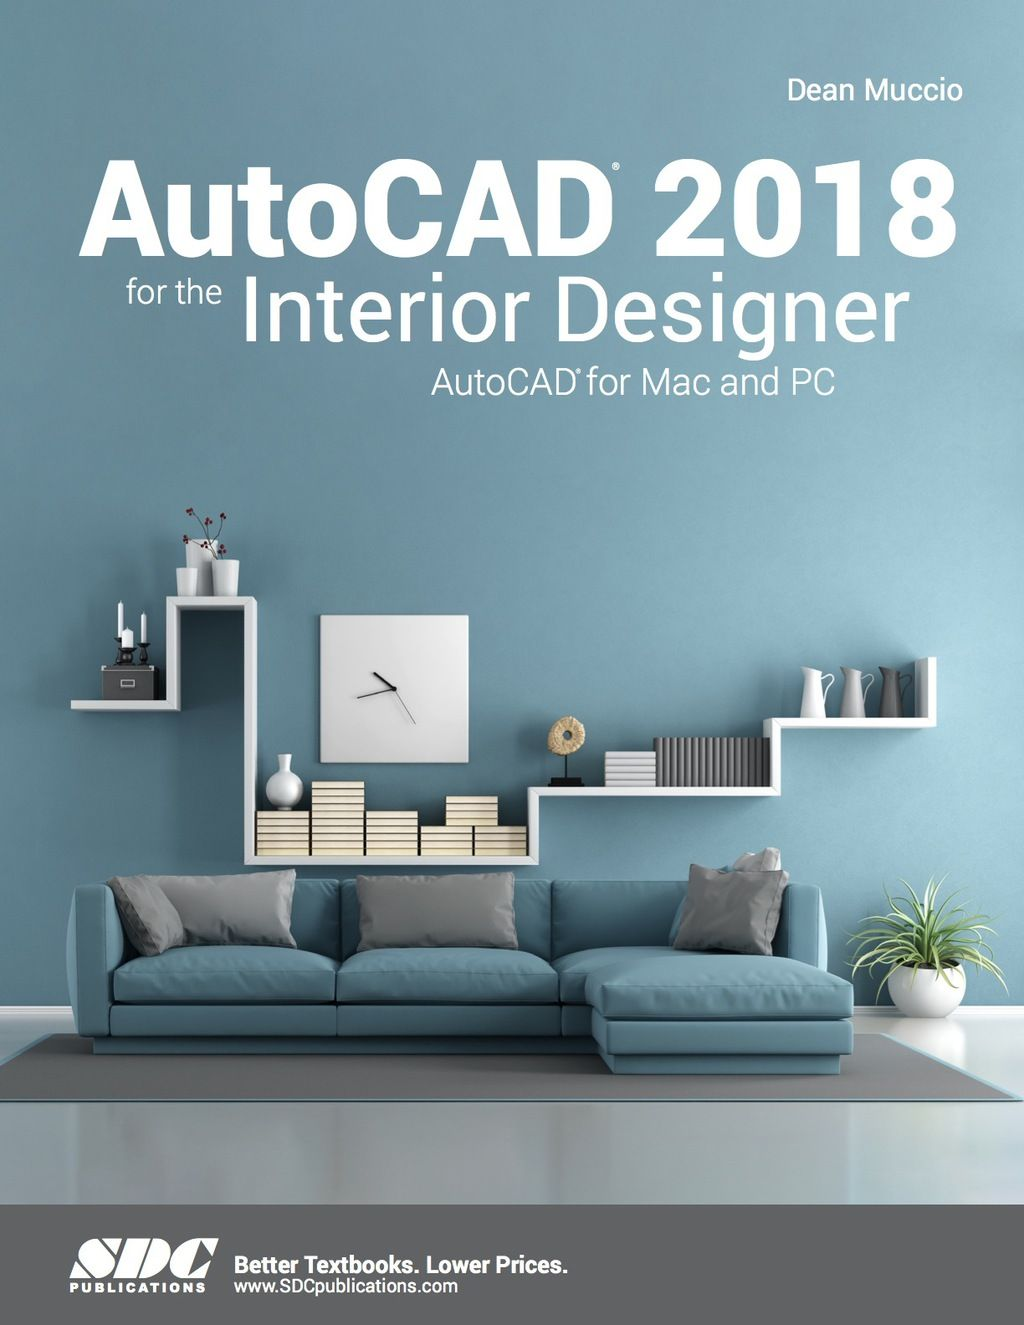 Autocad 2018 For The Interior Designer Ebook In 2020 Interior